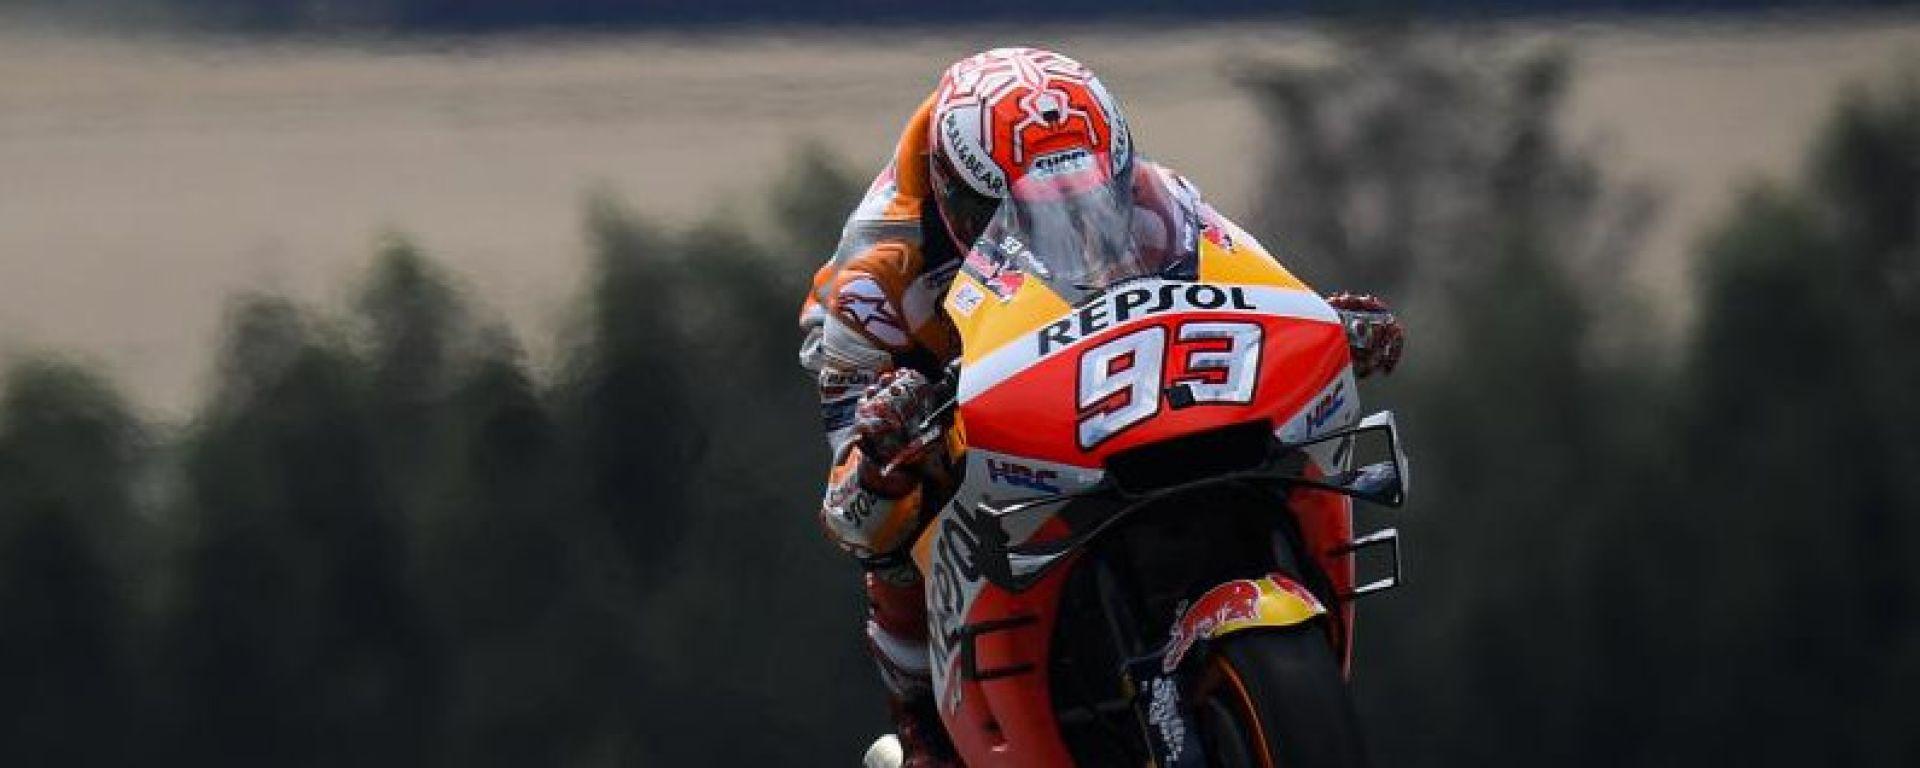 MotoGP Germania: Marquez in pole, è record della pista!